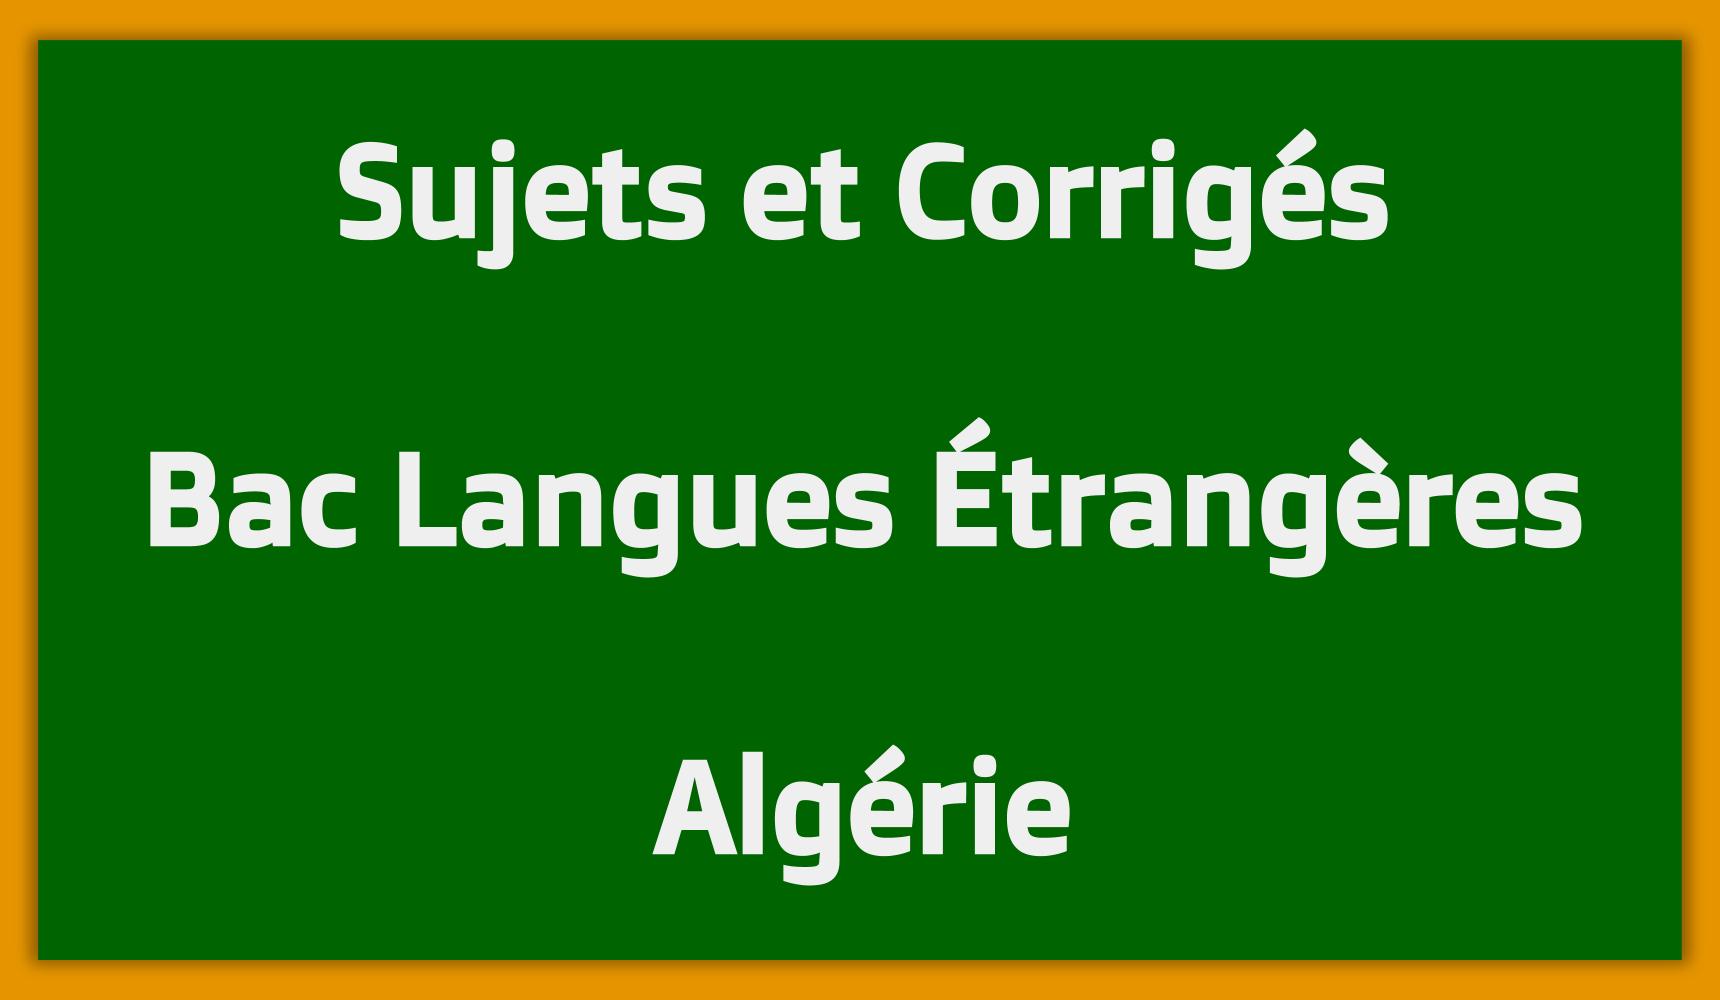 Télécharger Sujets Corrigés Bac Langues Etrangères Algérie